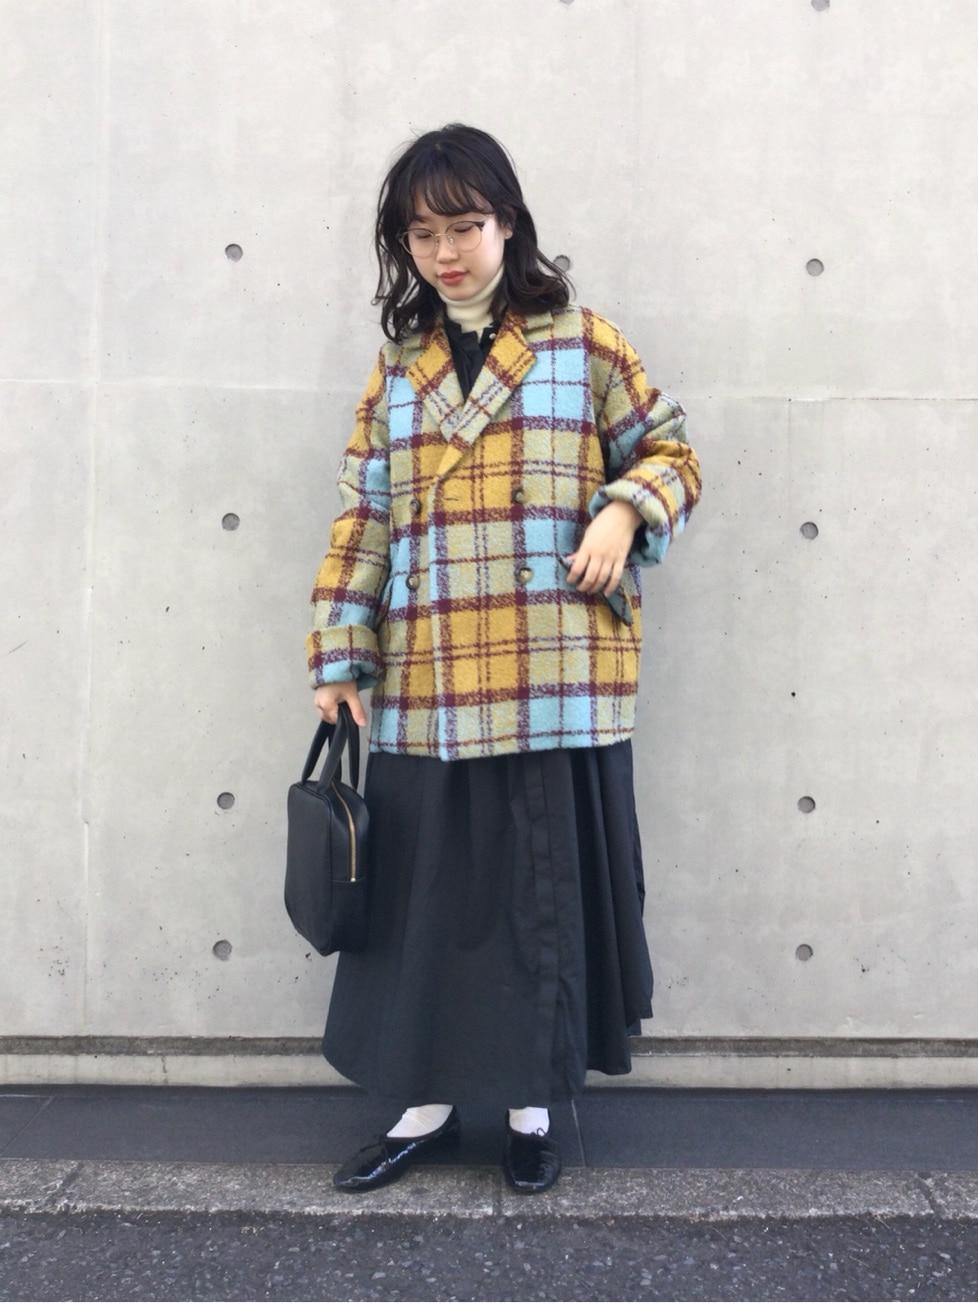 l'atelier du savon 代官山路面 身長:153cm 2020.11.25